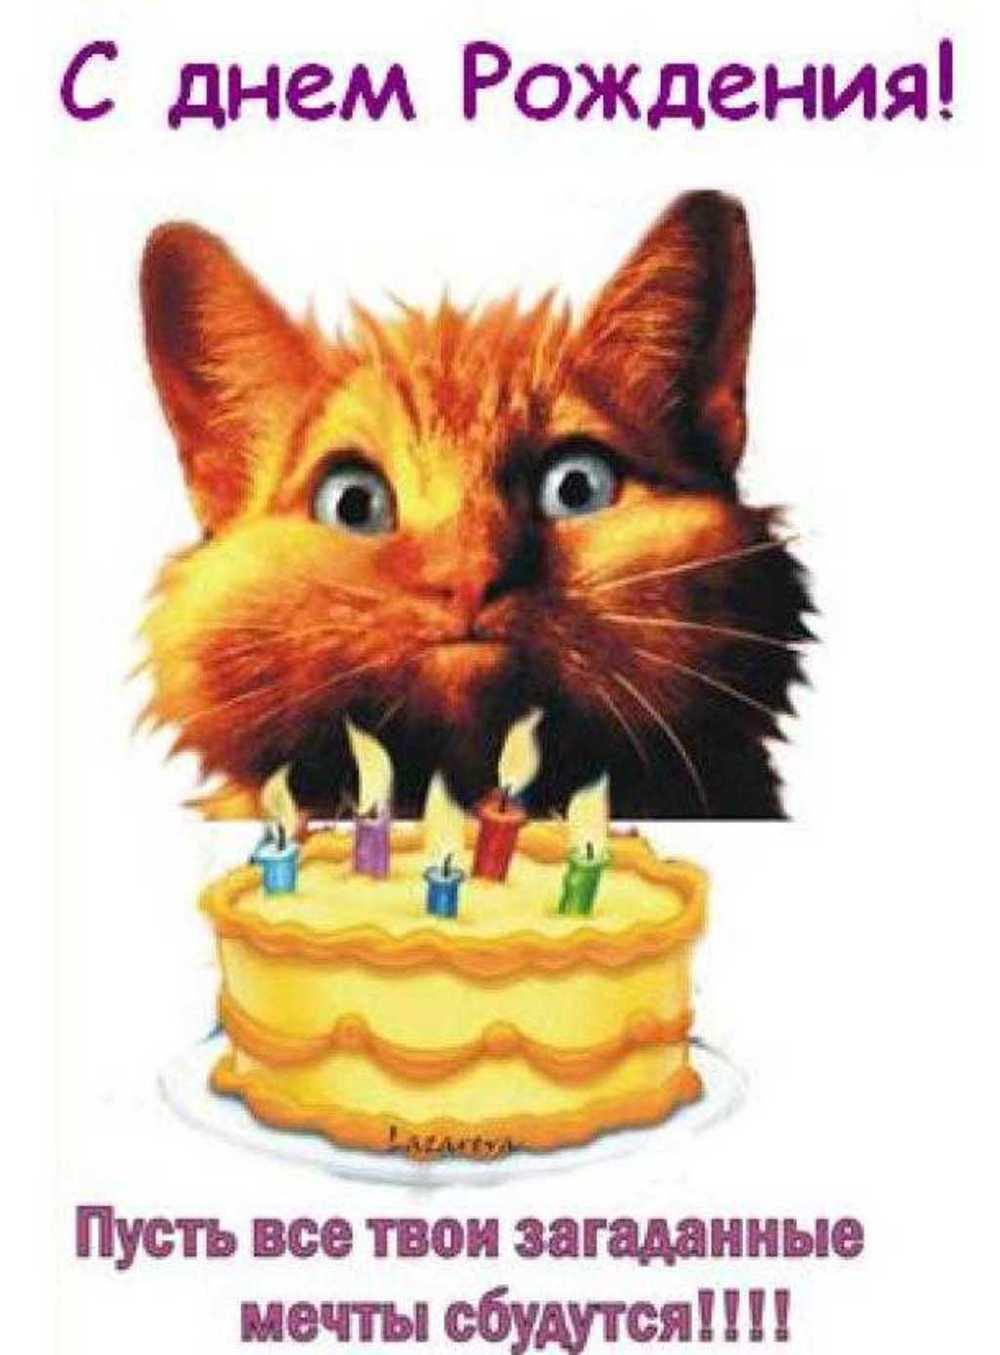 Ксю с днем рождения поздравления с